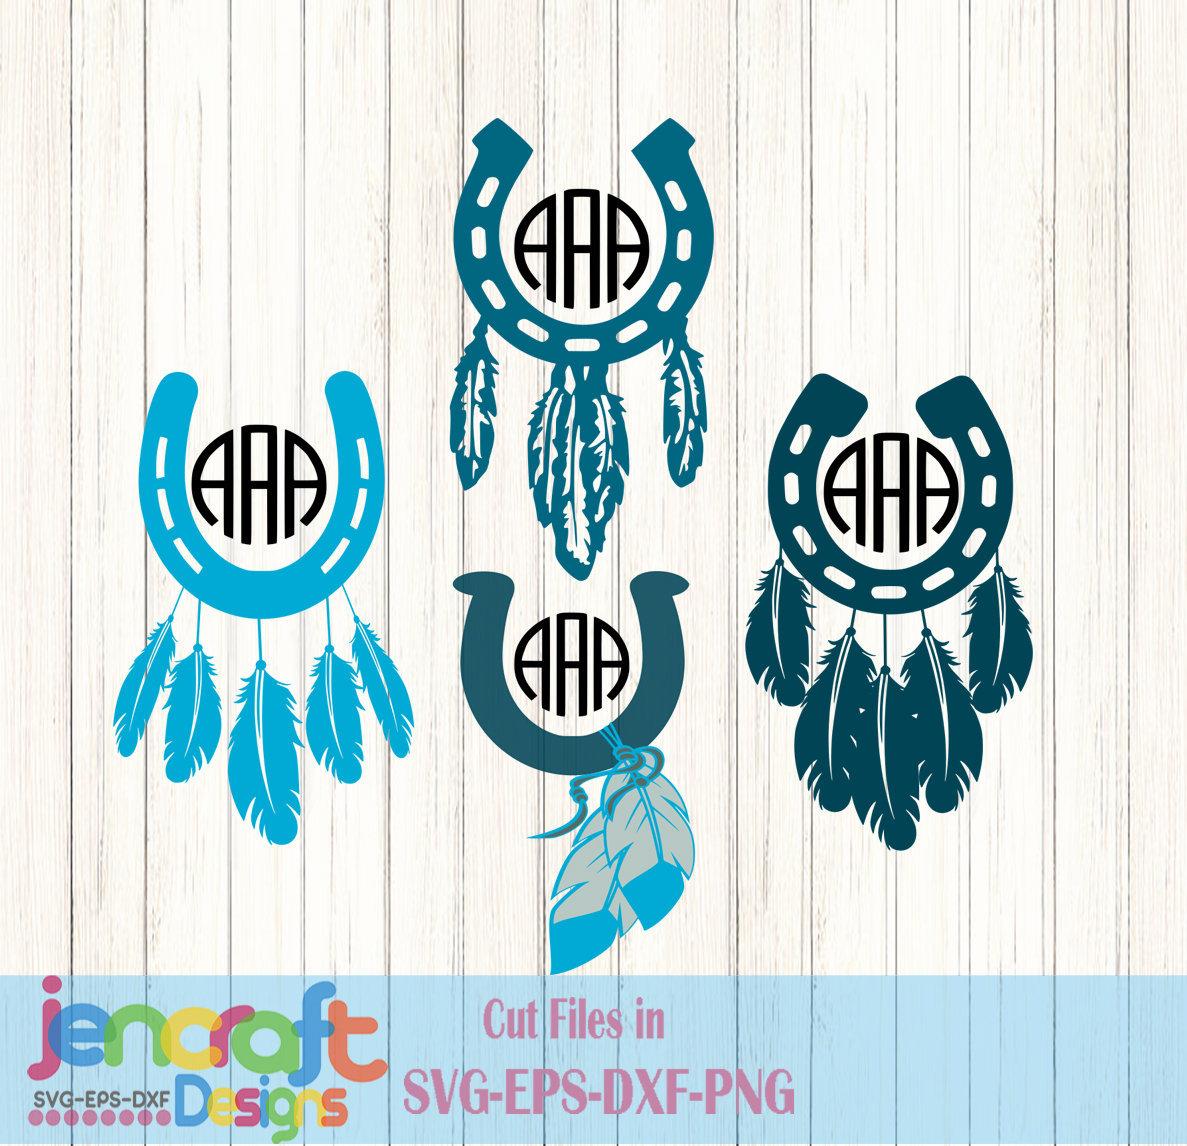 Horseshoe and Feathers SVG Monogram Frames SVG, Dxf, Eps